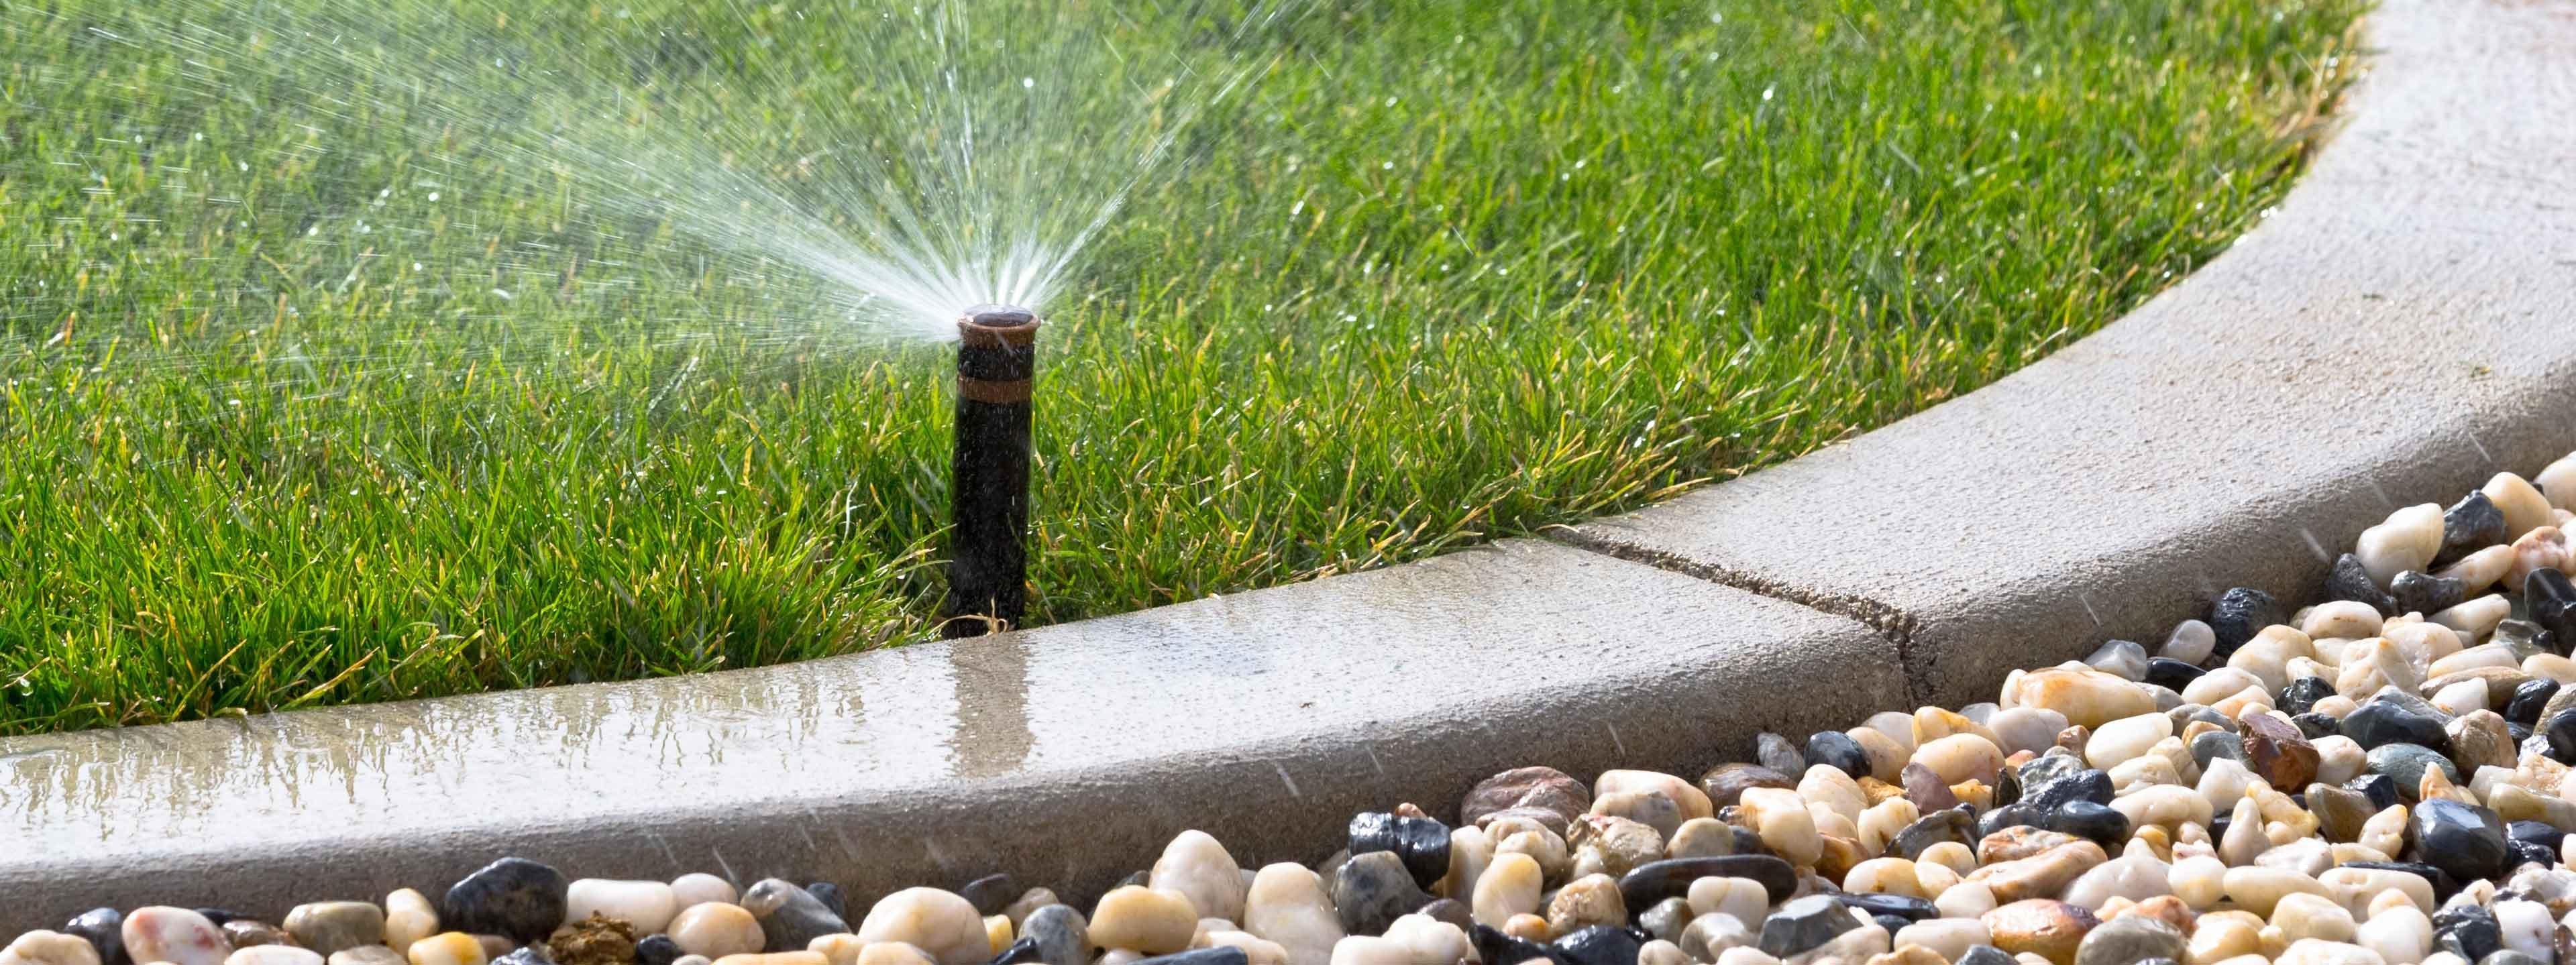 Prato ora di far ripartire l impianto di irrigazione for Progettare l impianto di irrigazione